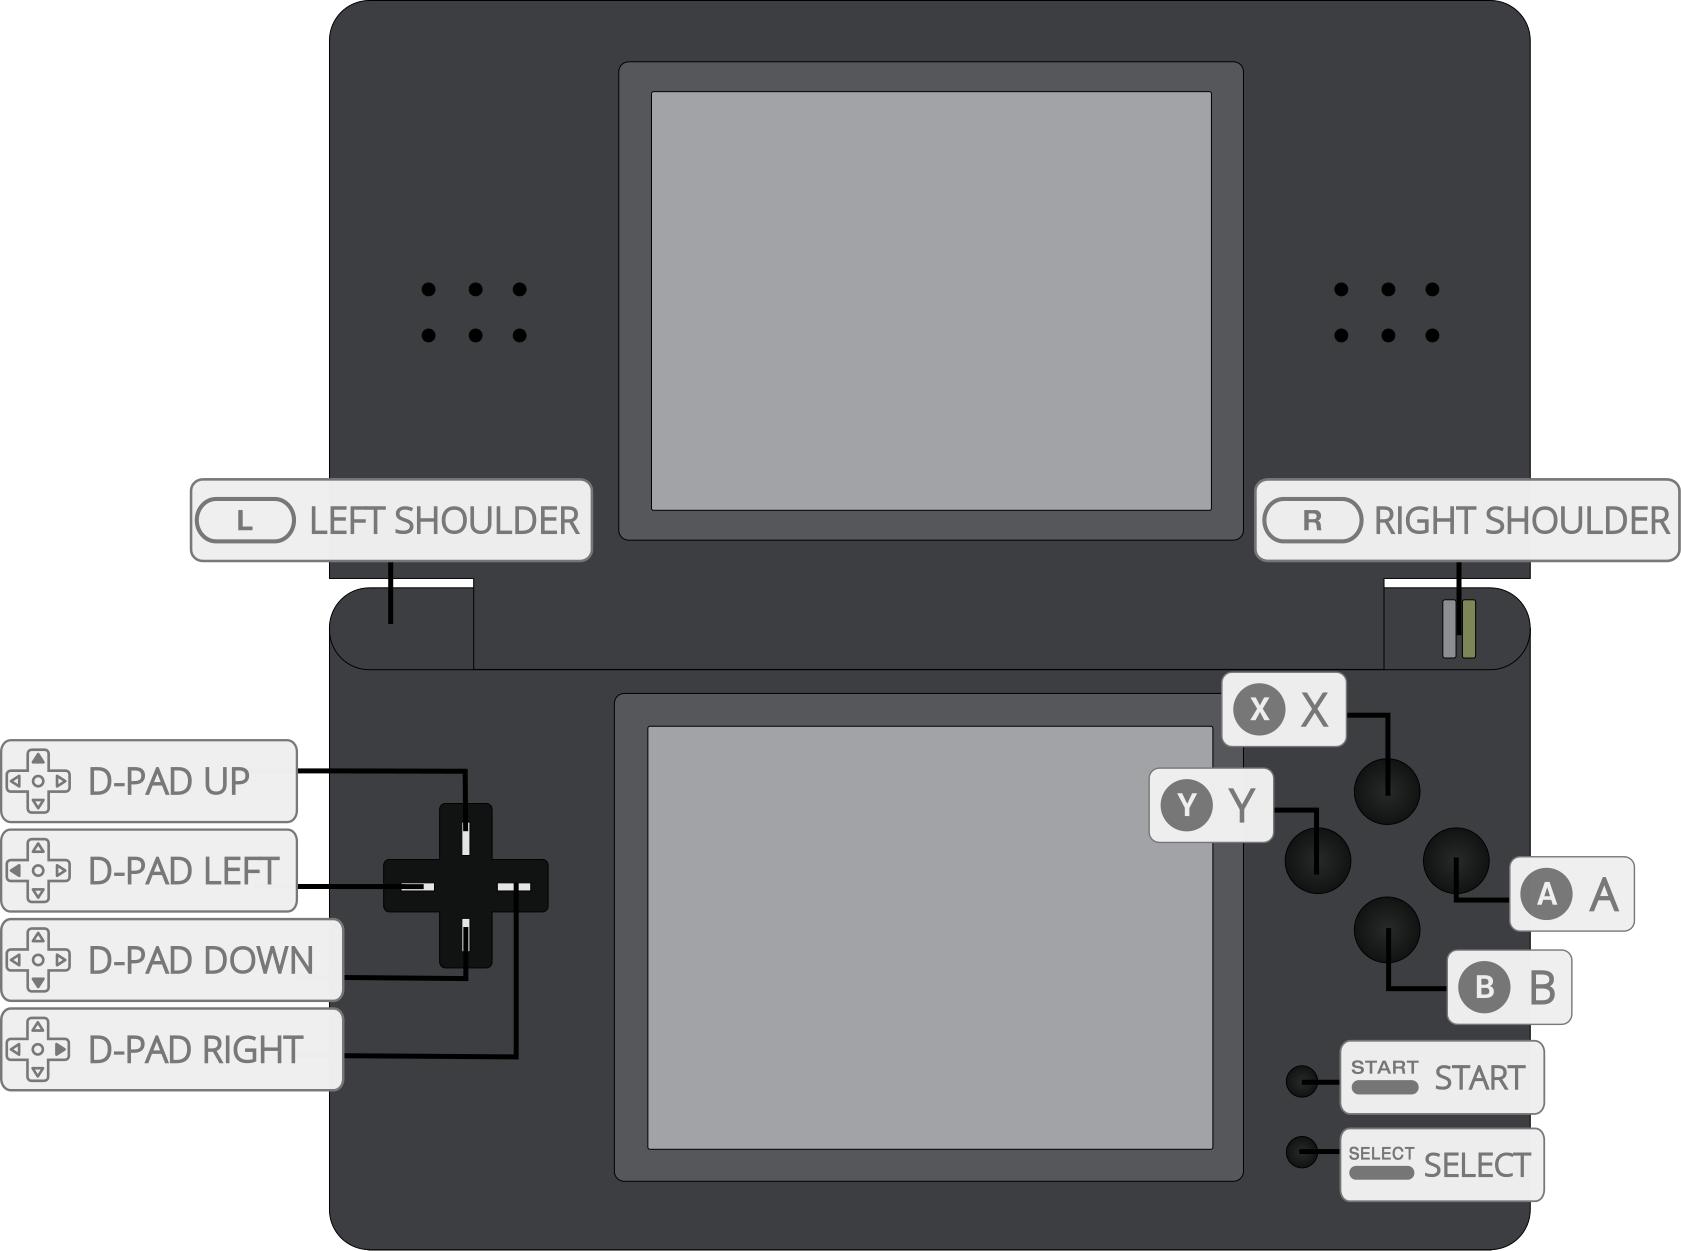 Nintendo - DS (DeSmuME) - Libretro Docs